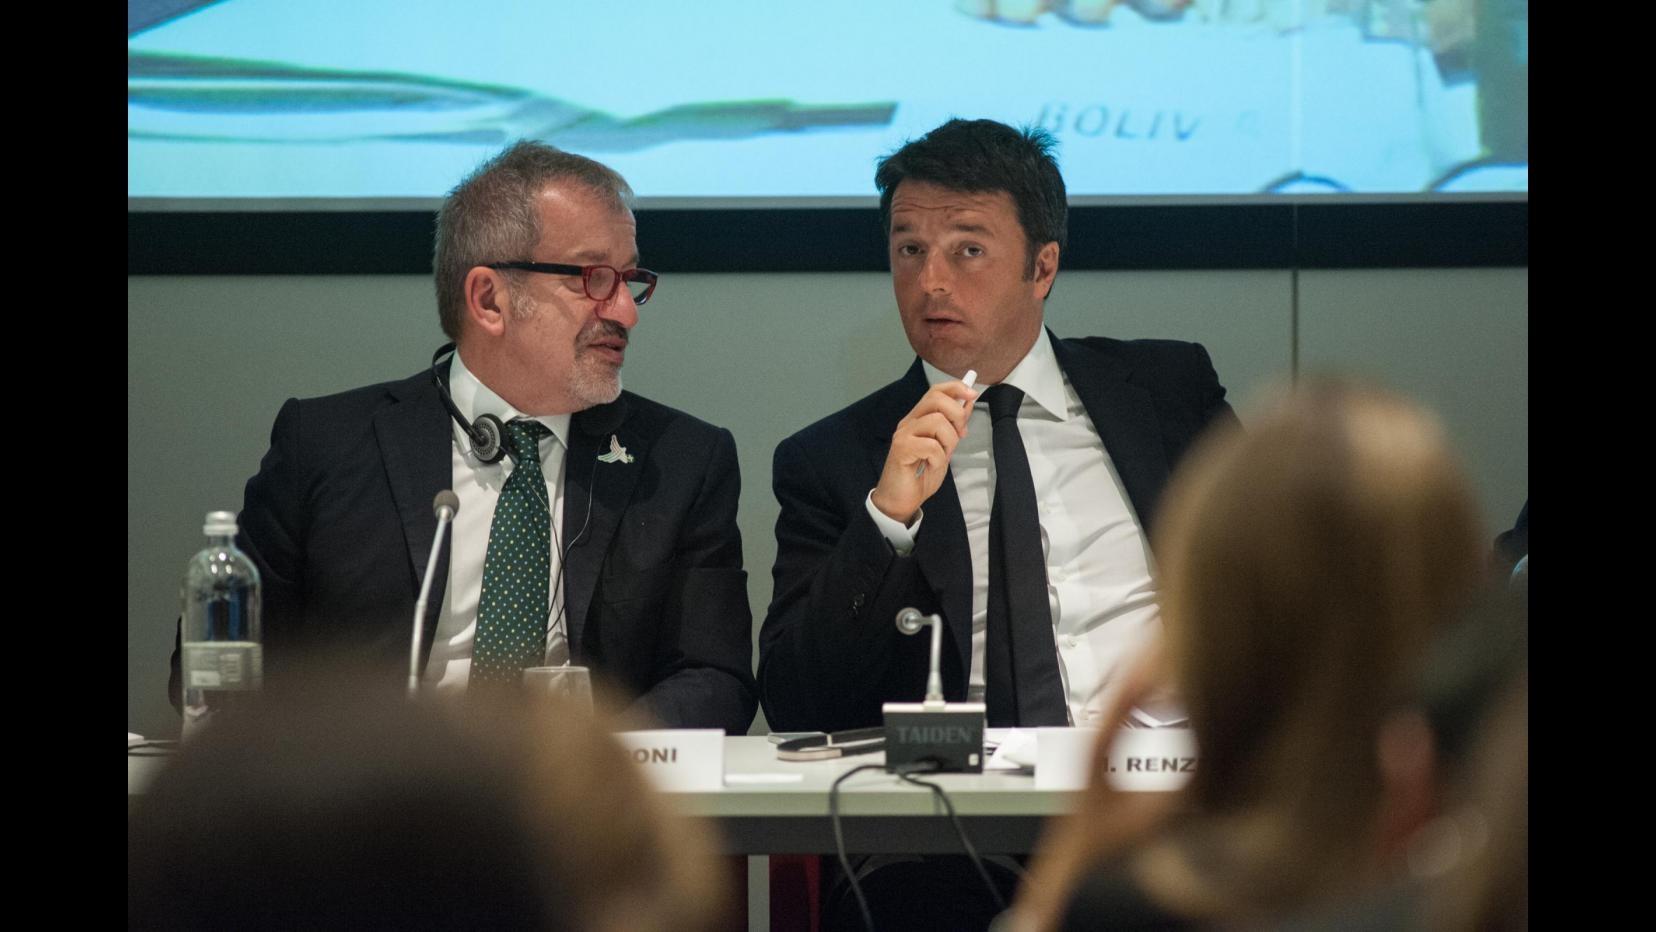 Renzi: Basta vivere di paure, lotta a corruzione deve essere senza quartiere